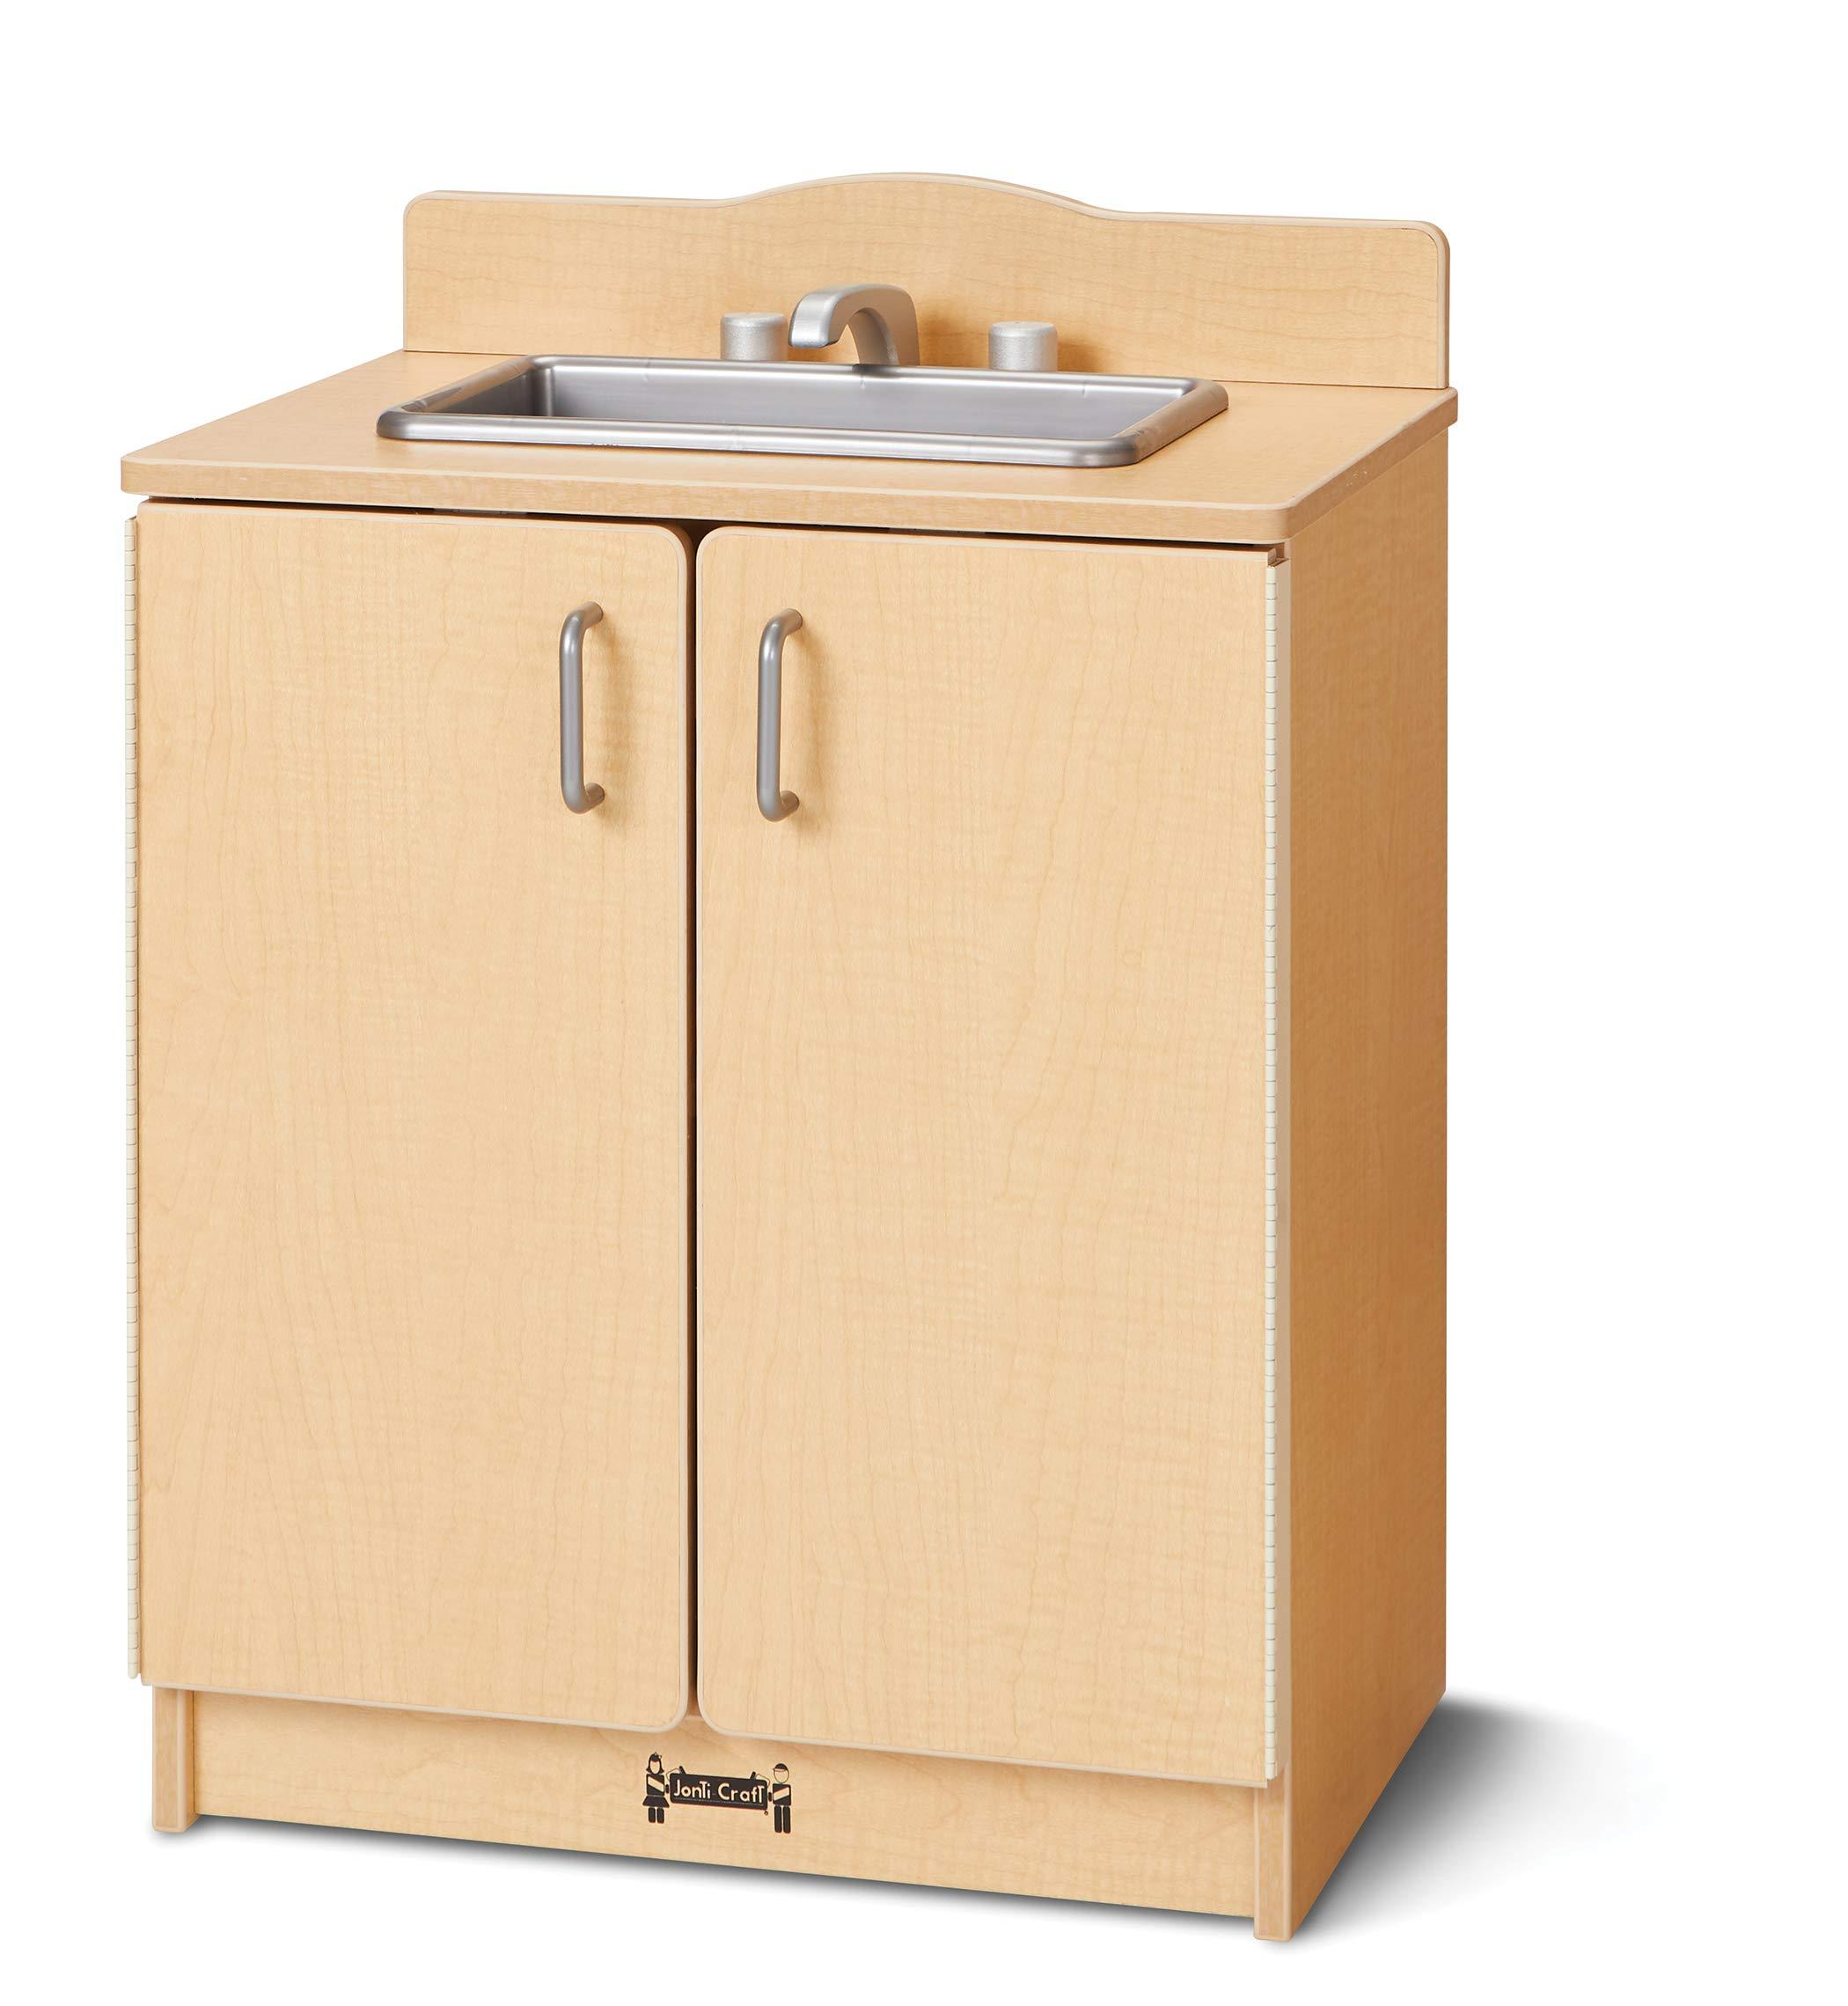 MapleWave 2408JC011 Culinary Creations Kitchen Sink